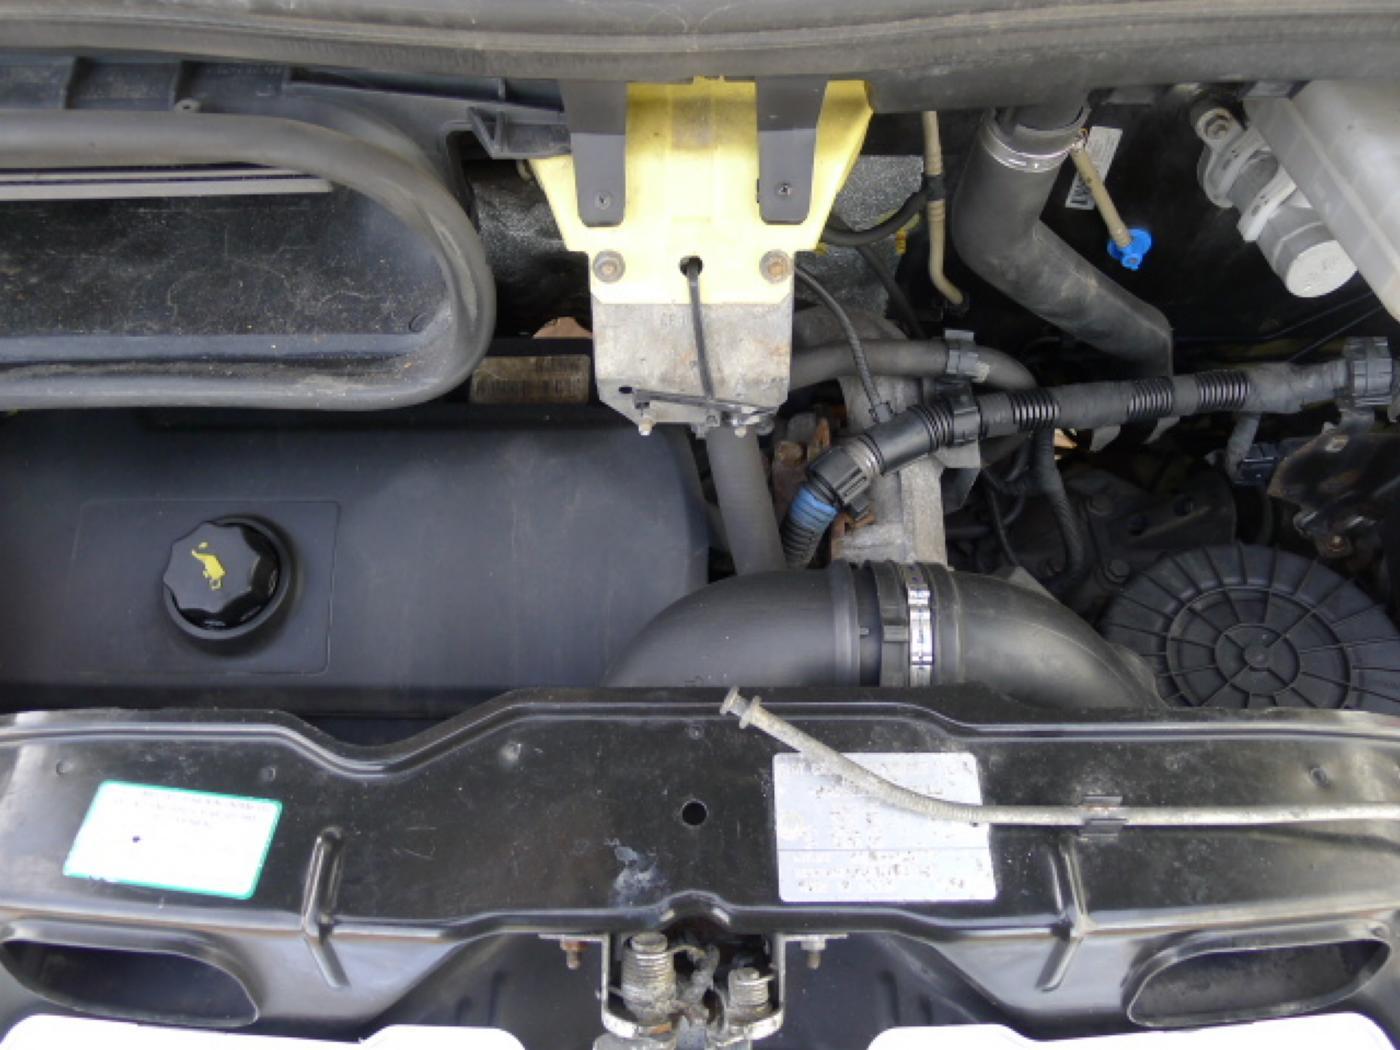 Fiat Ducato 2,3 JTD L2H2 6míst+Klima+Kamera Akc - 19